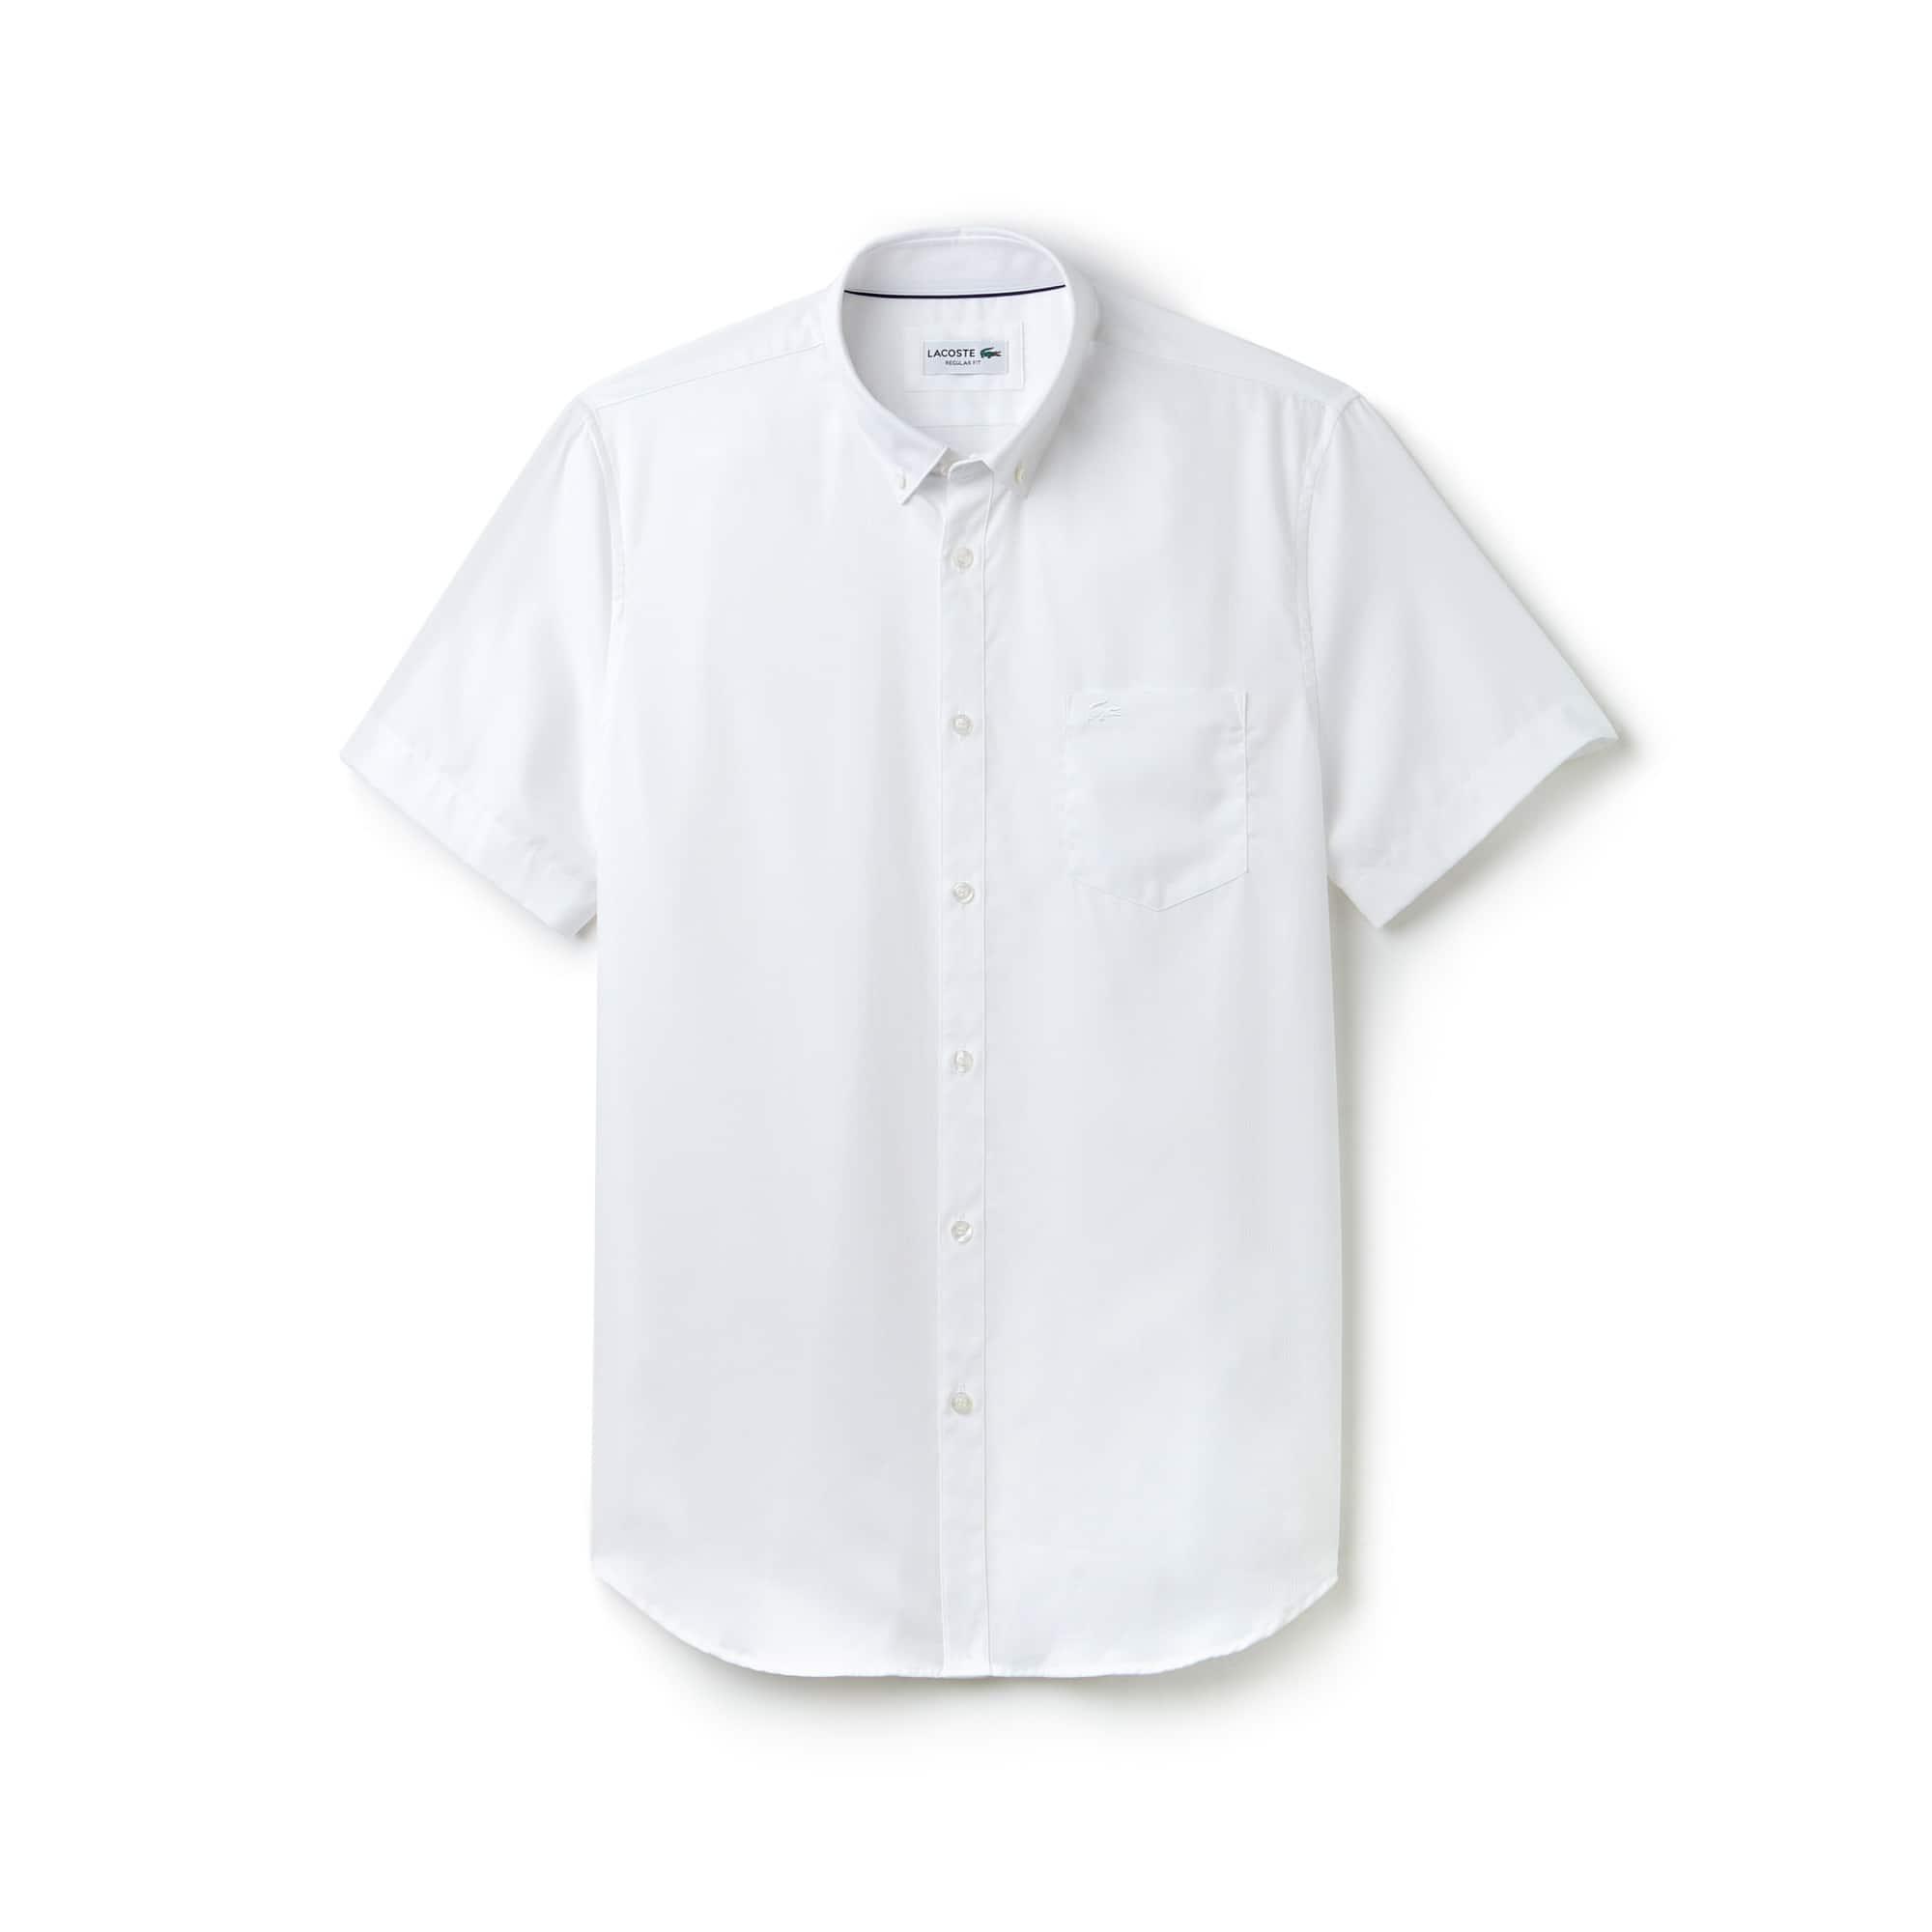 Camicia regular fit a maniche corte in popeline a rilievi